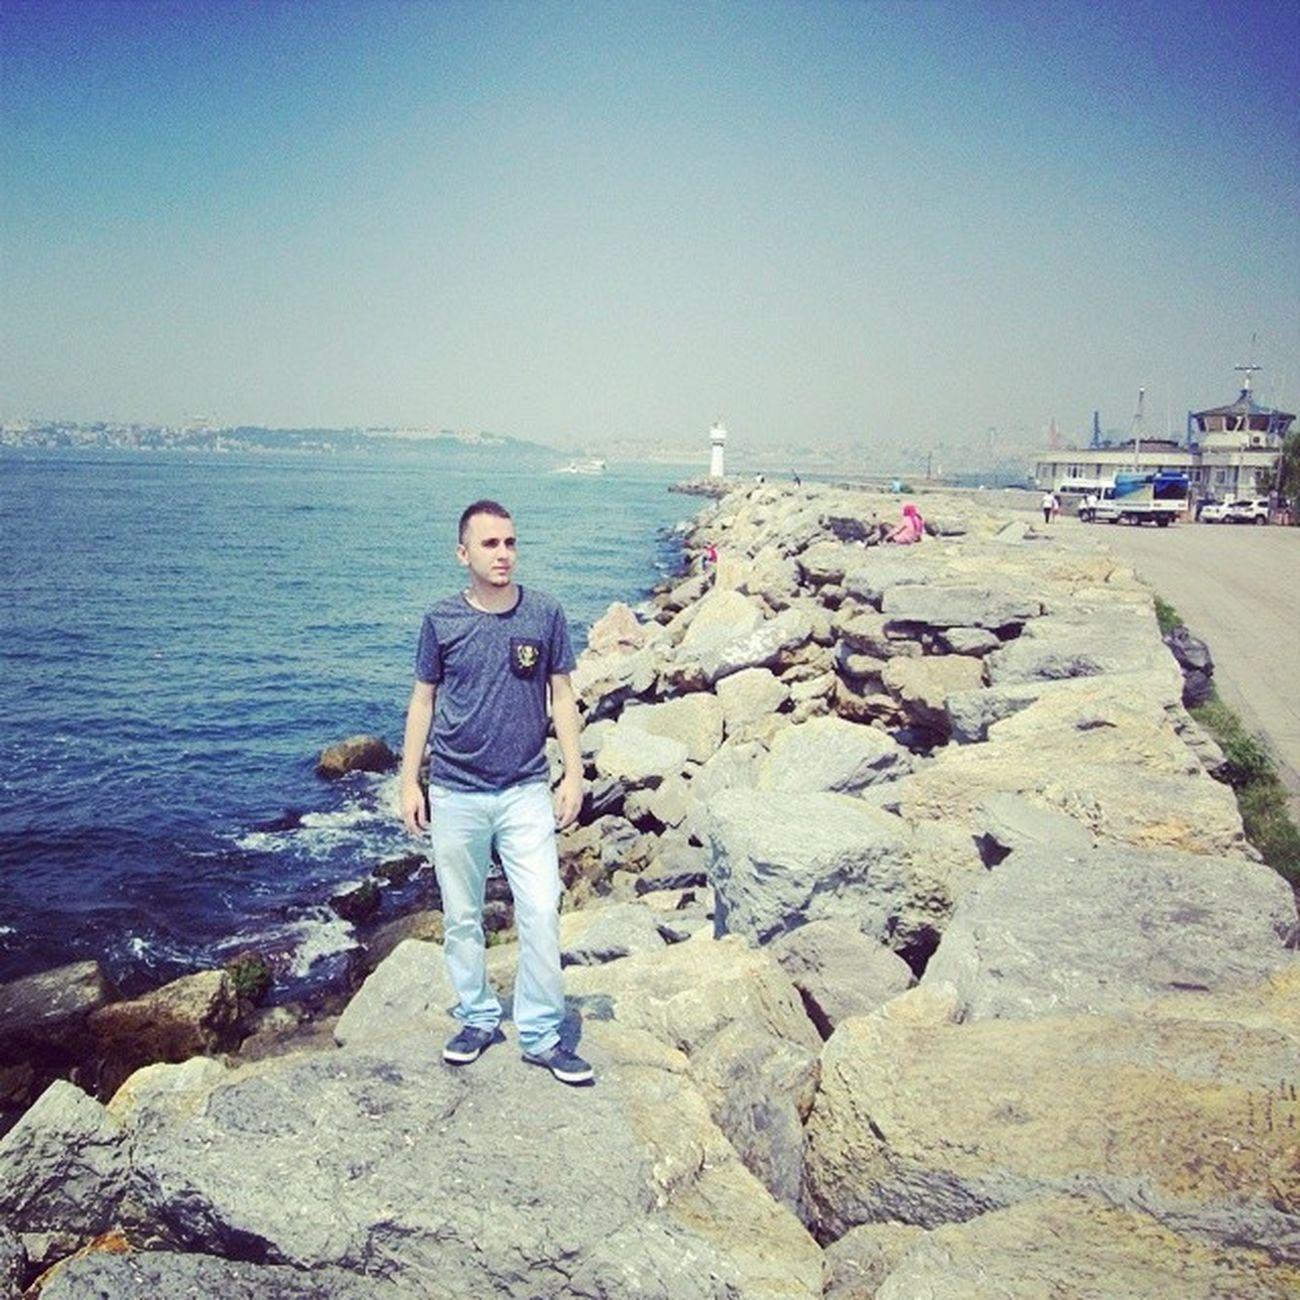 Kadıköy Sahil Deniz Sıcak